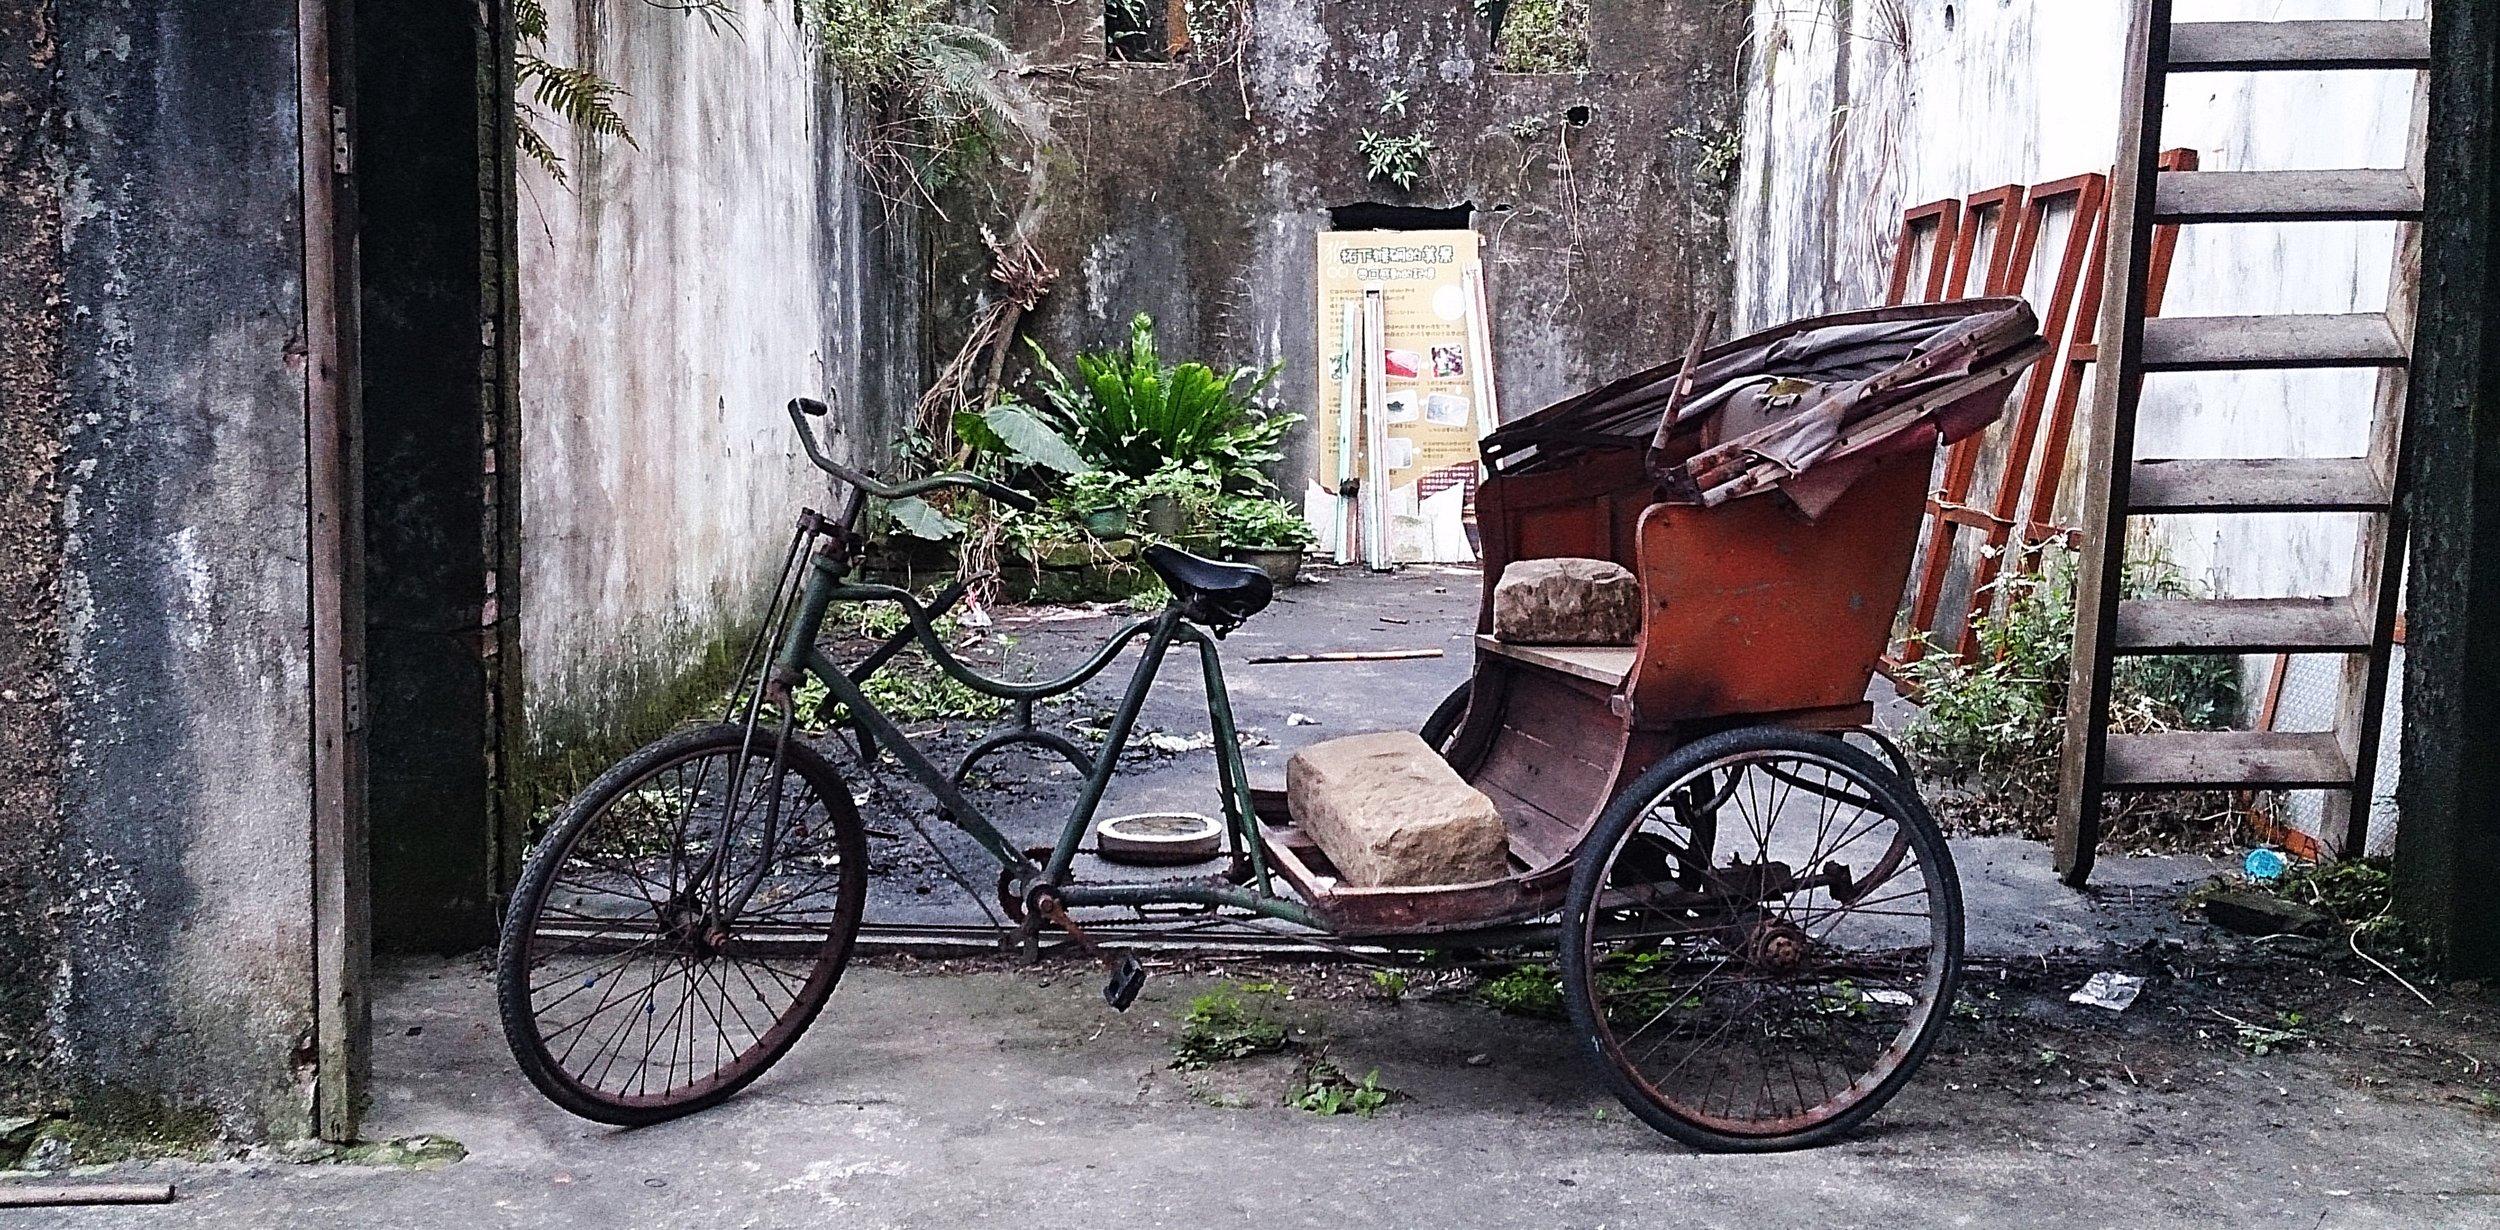 Old pedicab